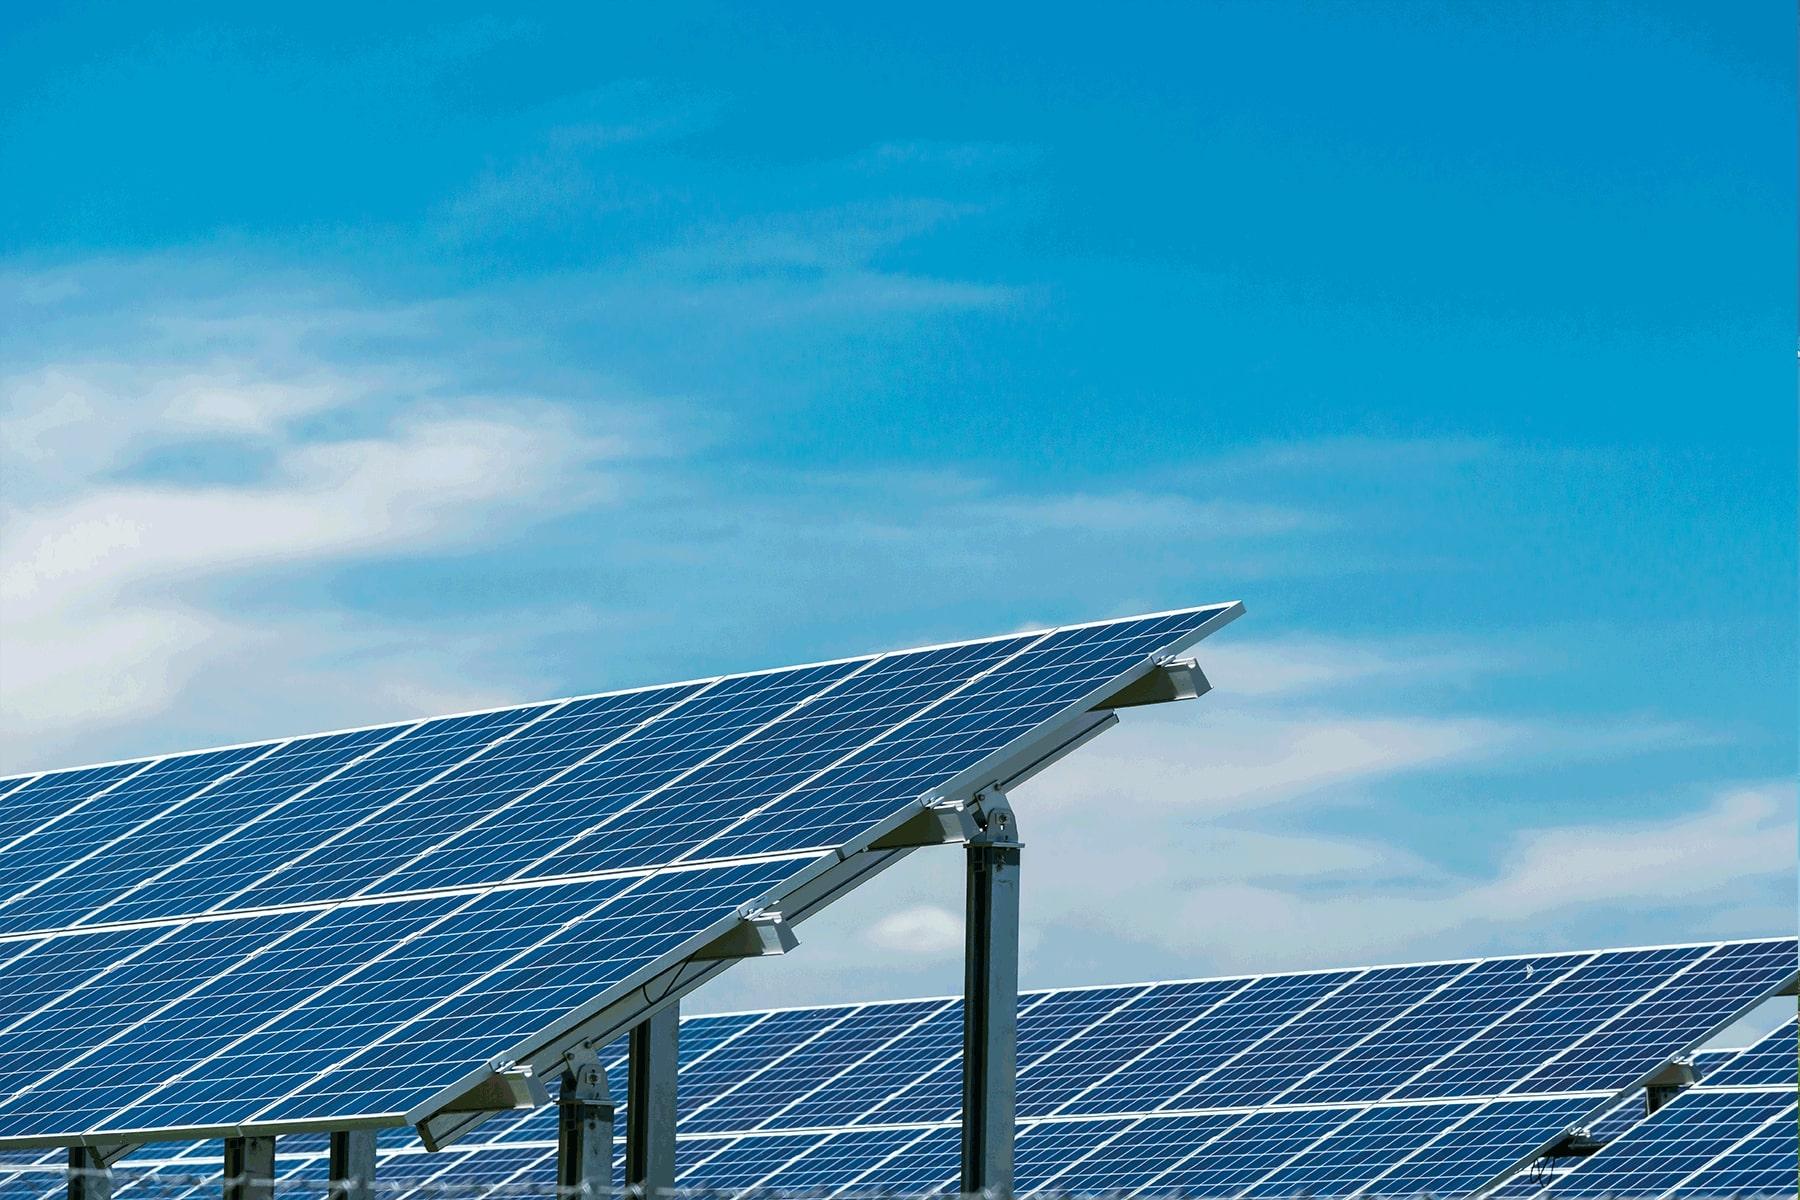 誰かを応援する目的で電気を再生可能エネルギーに切替